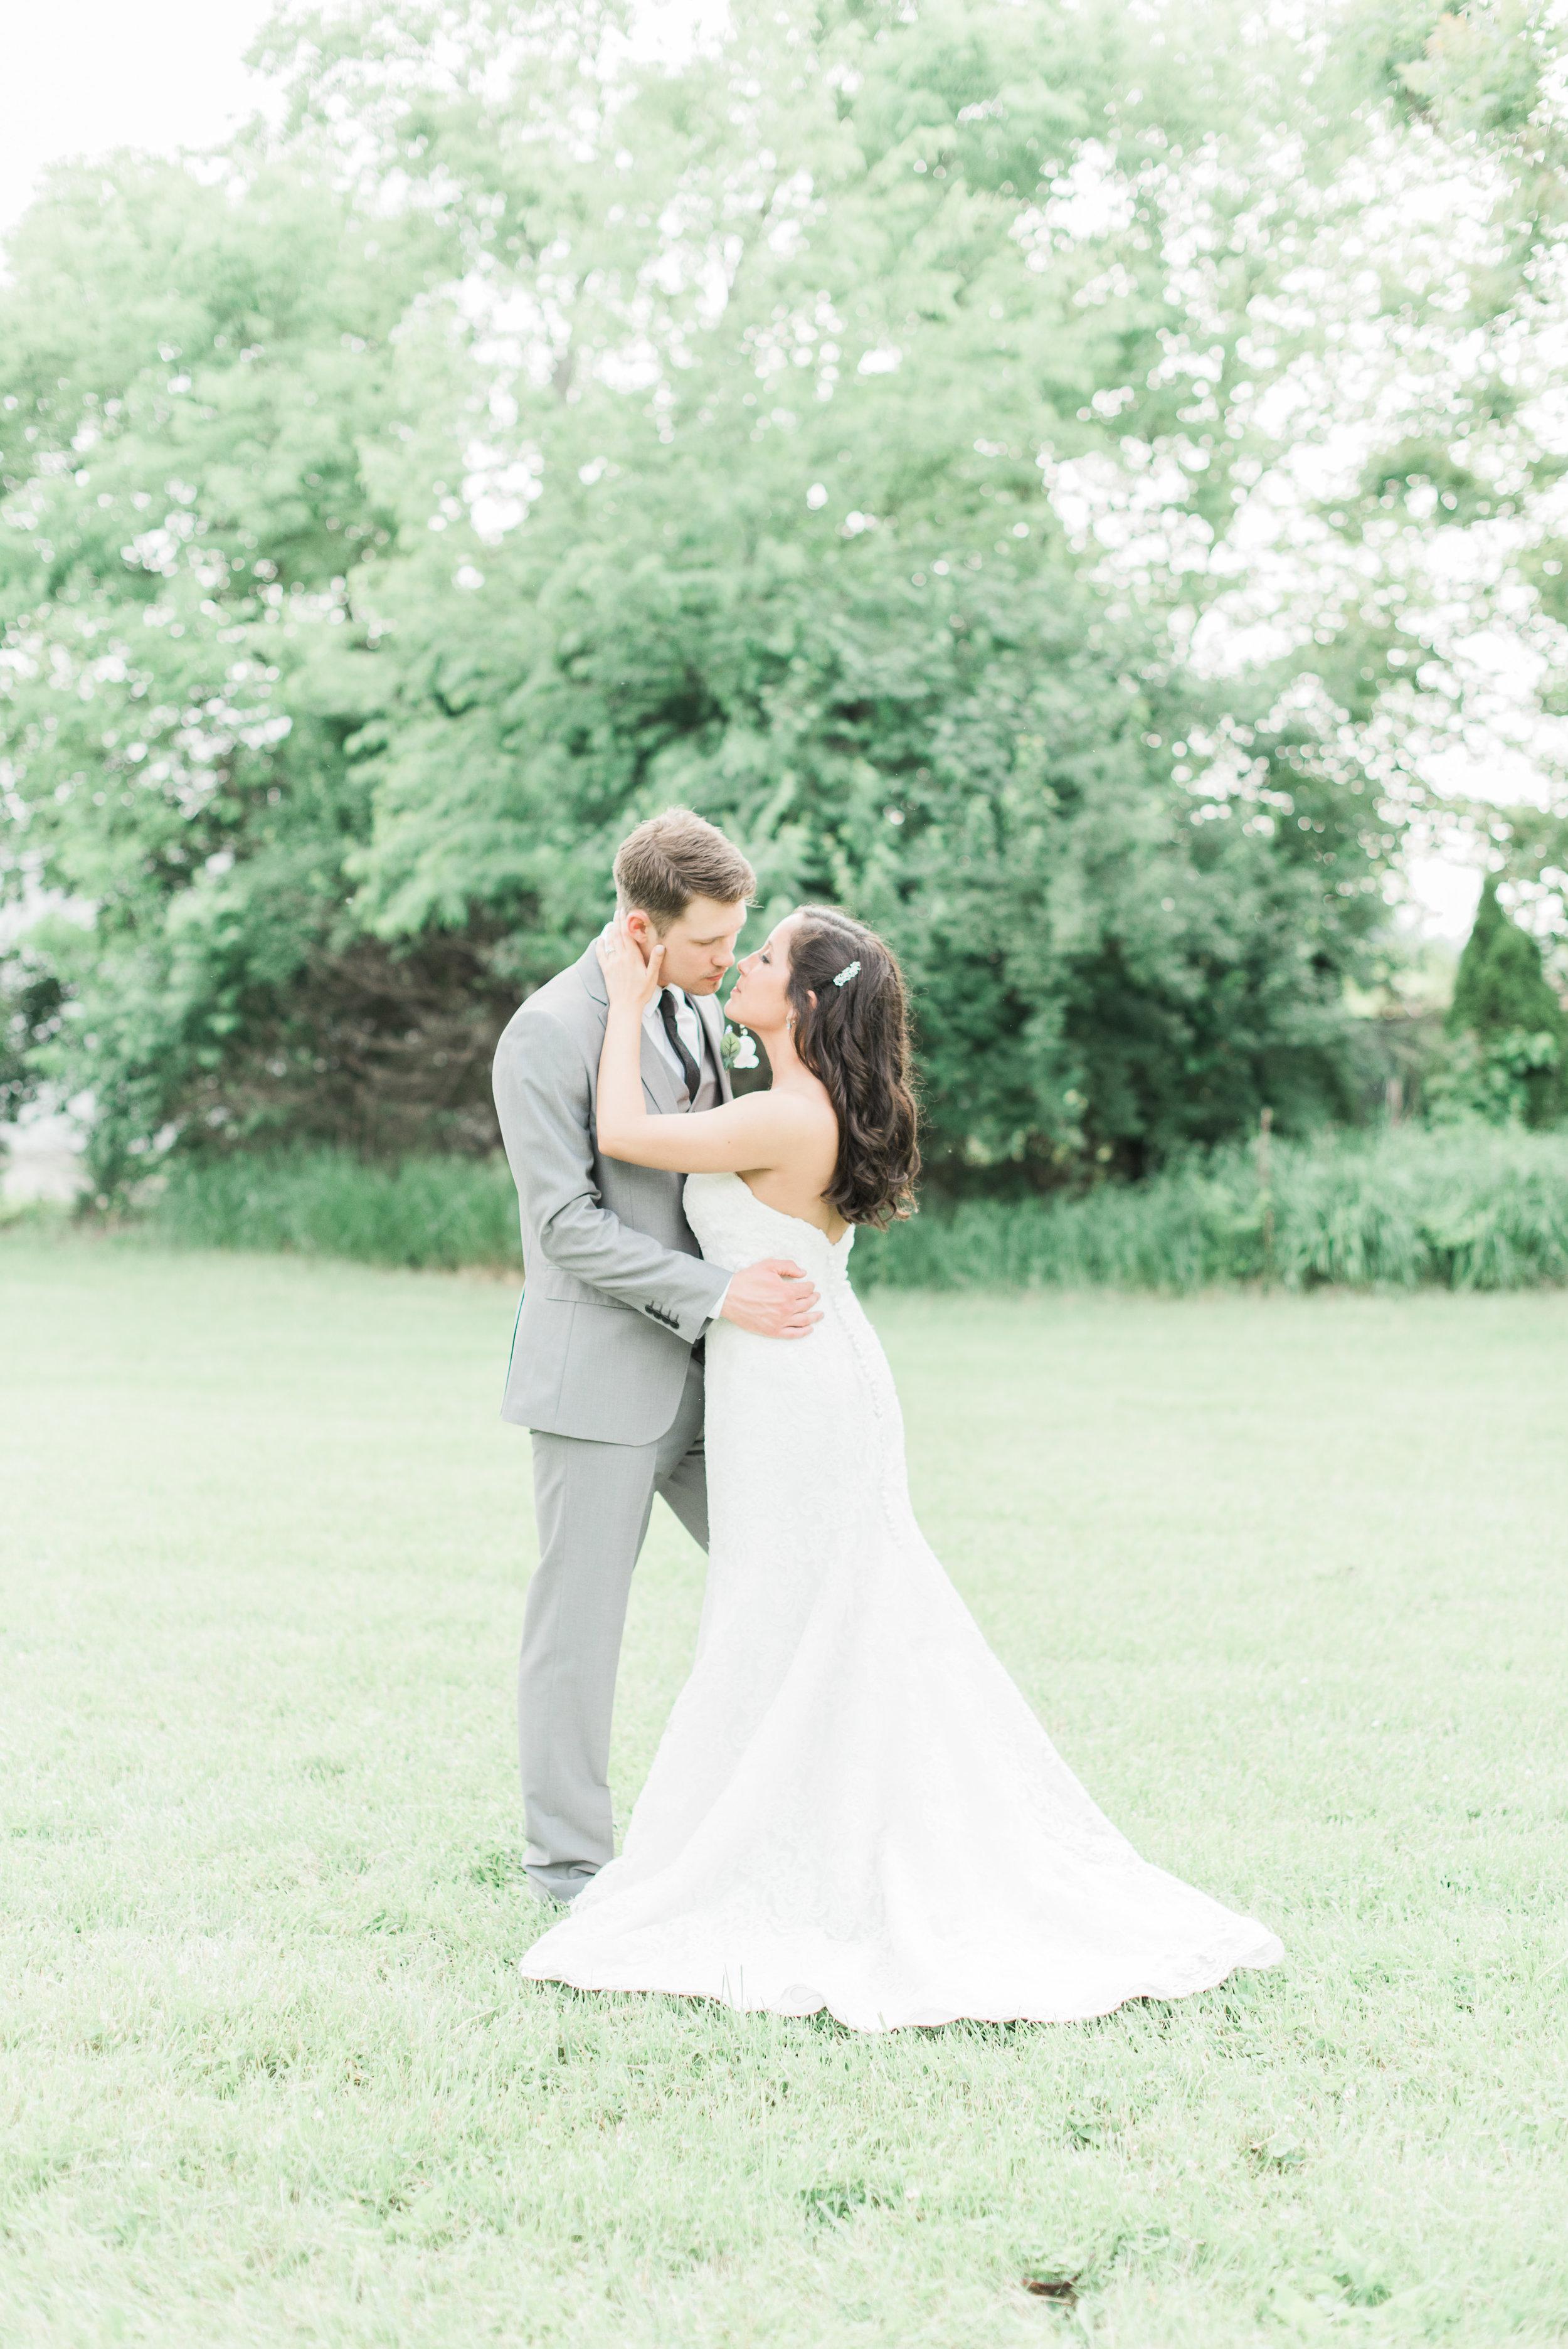 Favorites-2017-05-20 Sarah Marcus Wedding13260-2.jpg